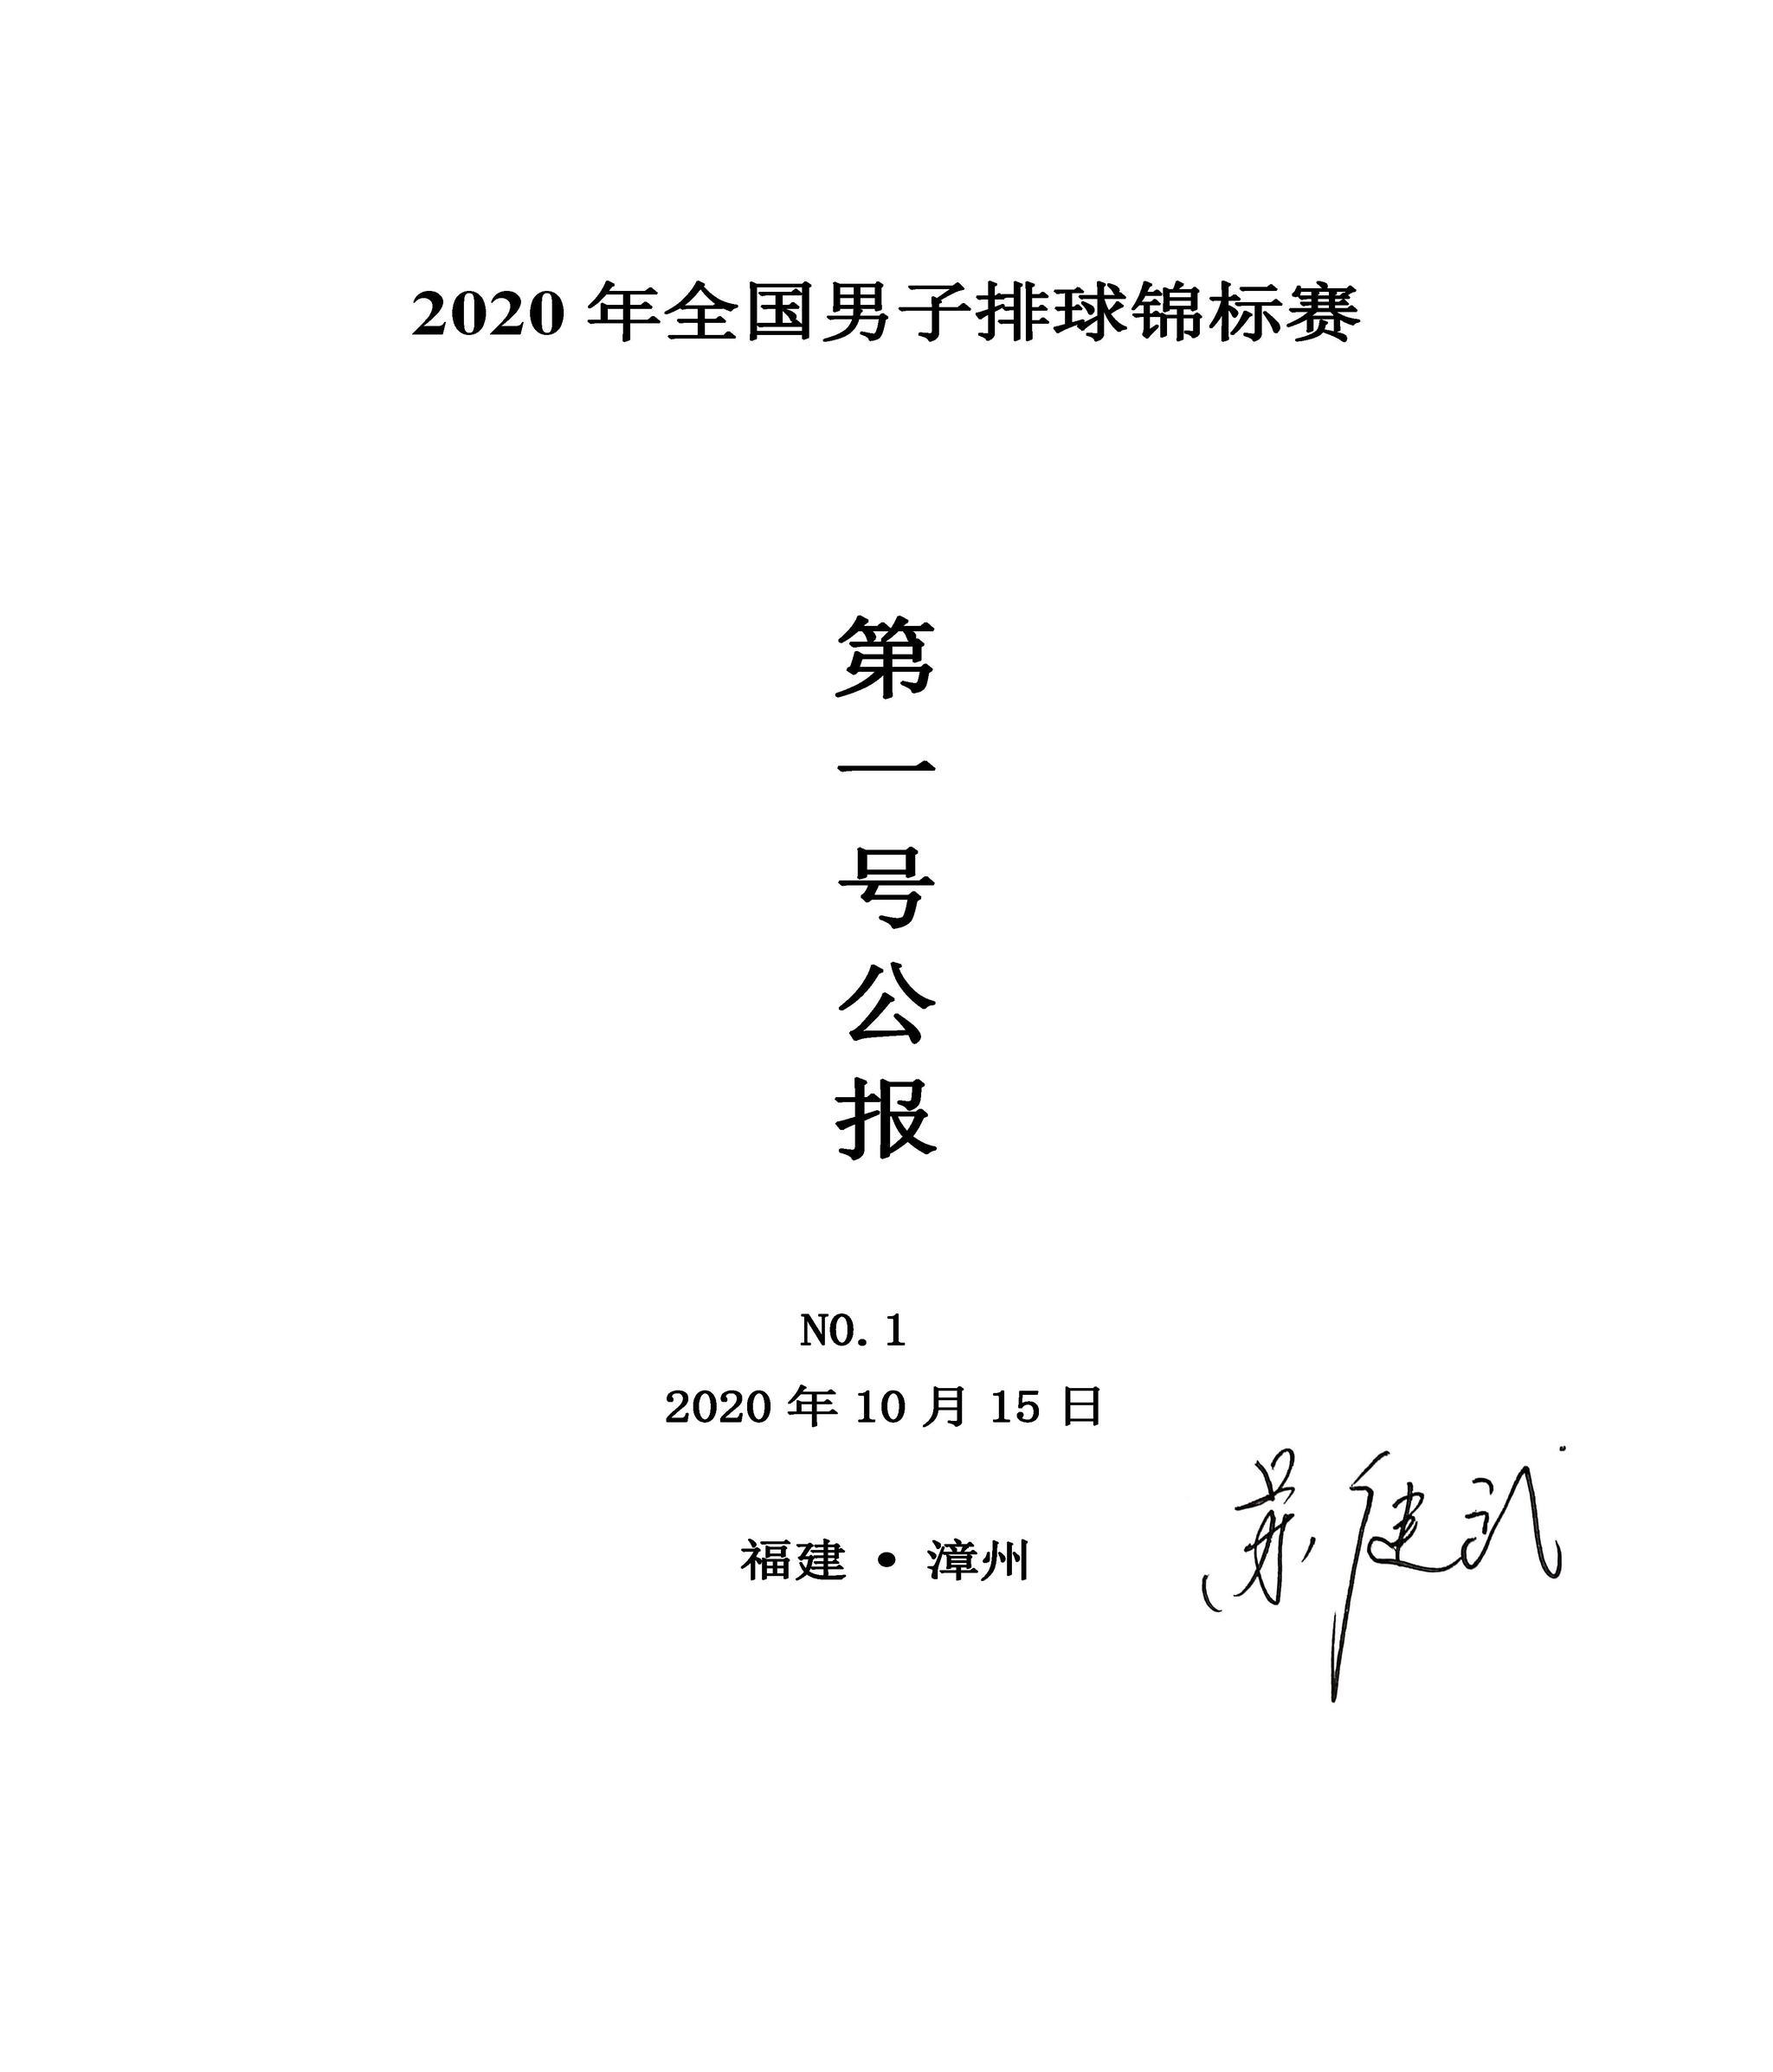 2020全国男排锦标赛1号公告 小组赛竞赛章程出炉